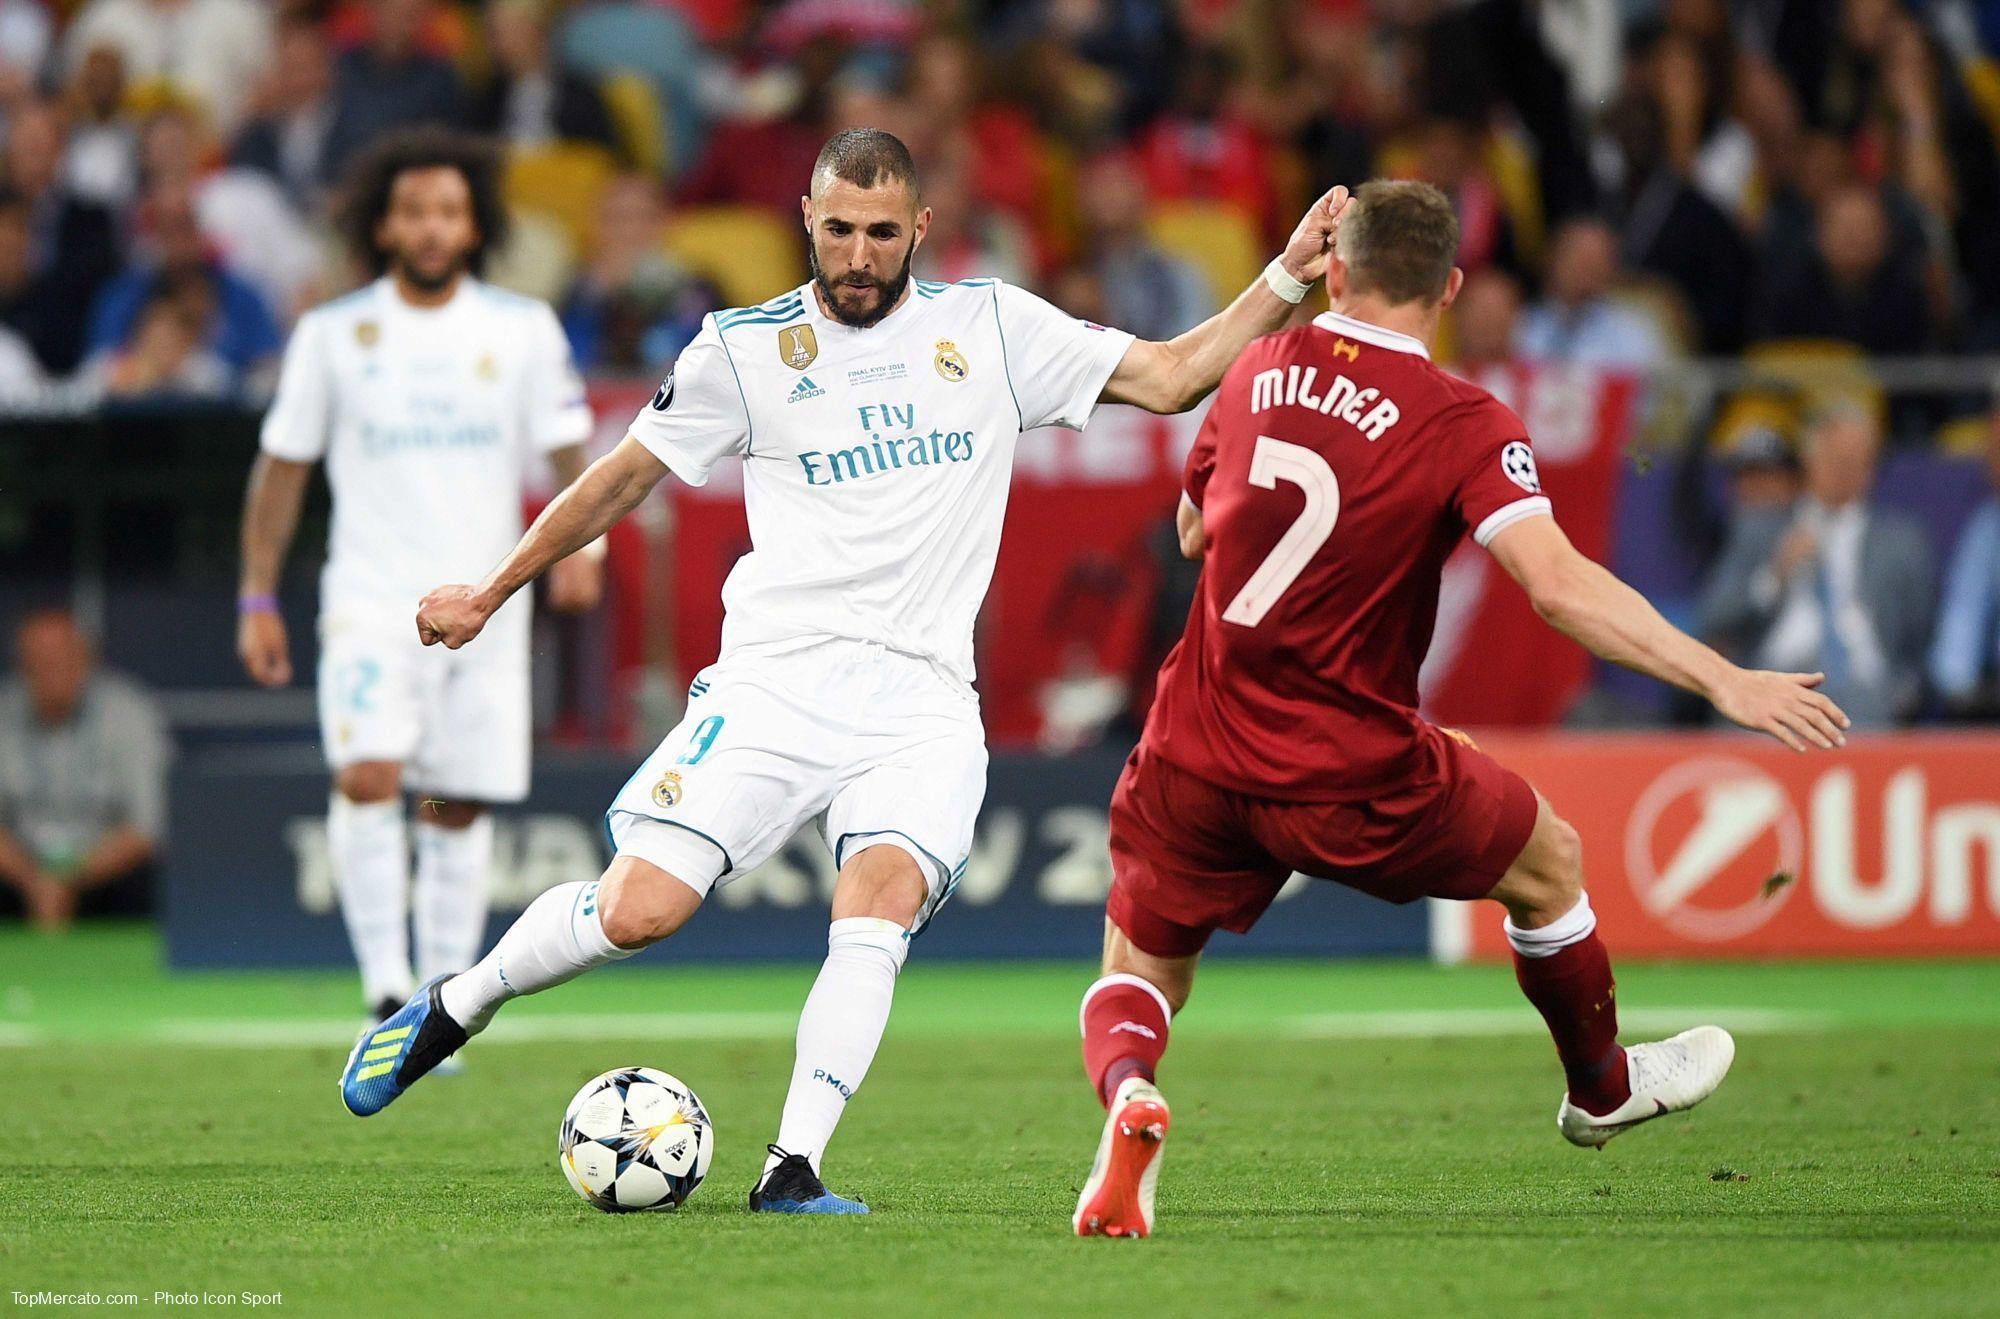 Quart de finale aller Liverpool-Real Madrid: les compos officielles des deux équipes